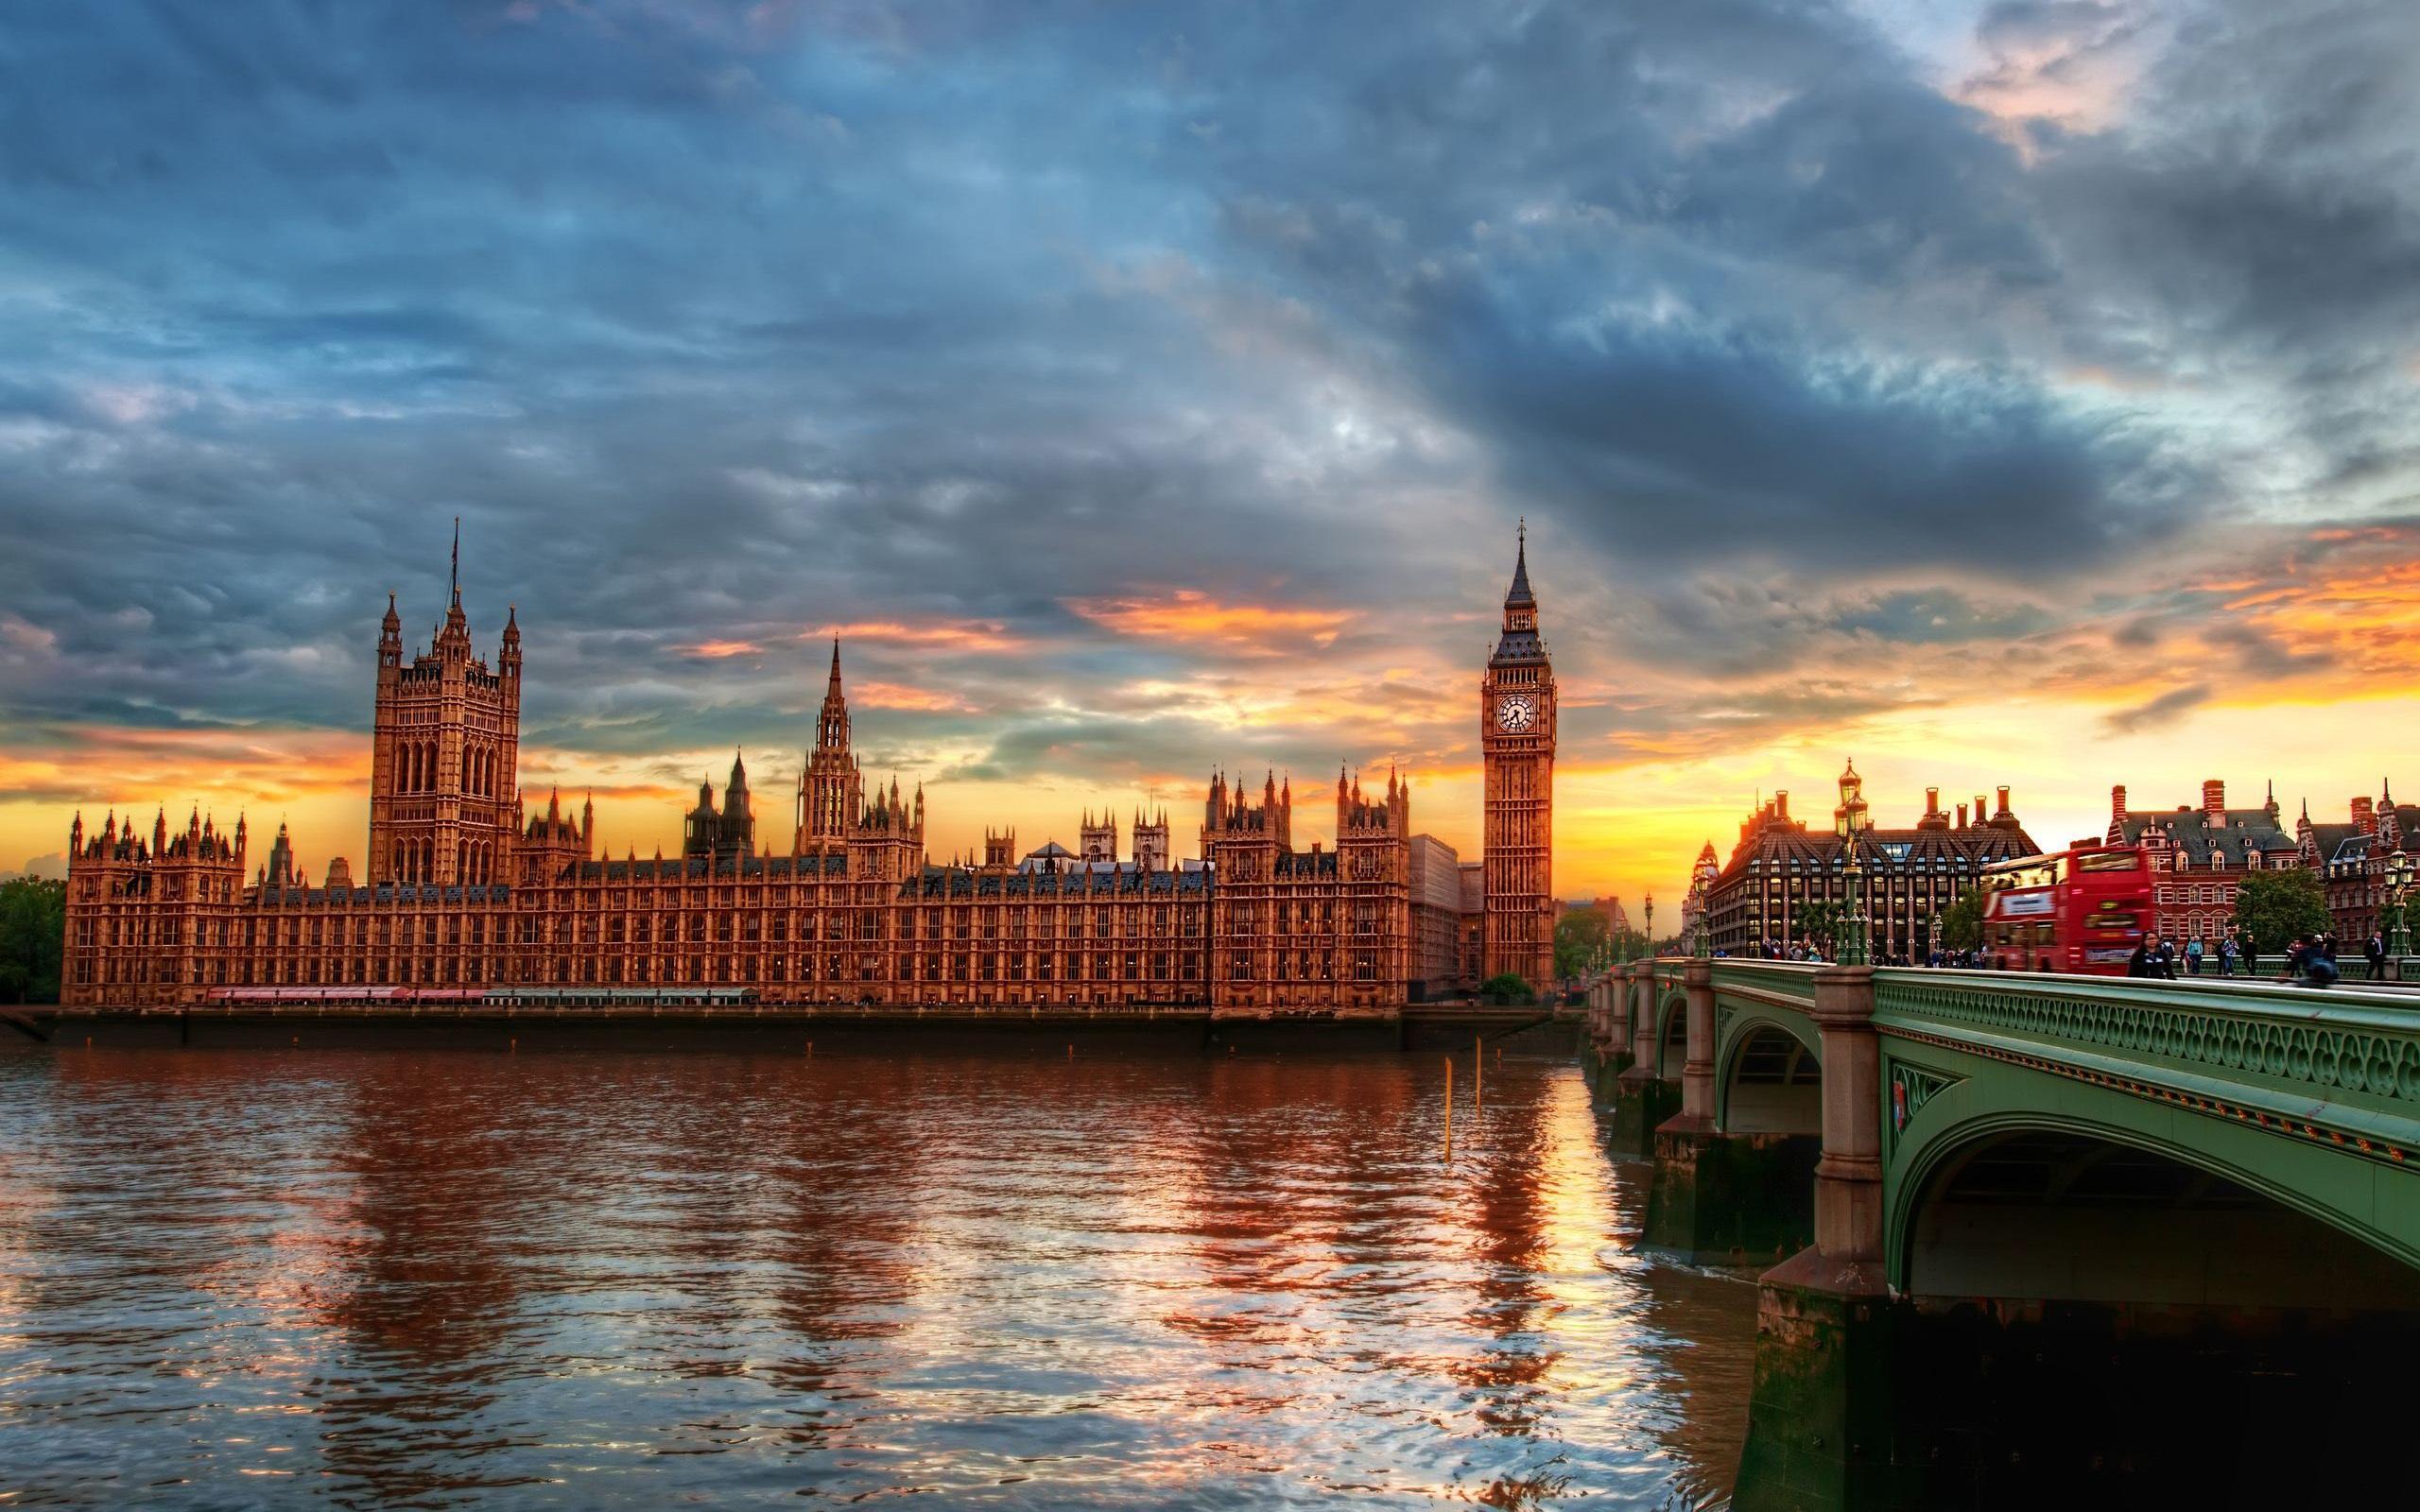 ロンドンイギリス 壁紙 2560x1600